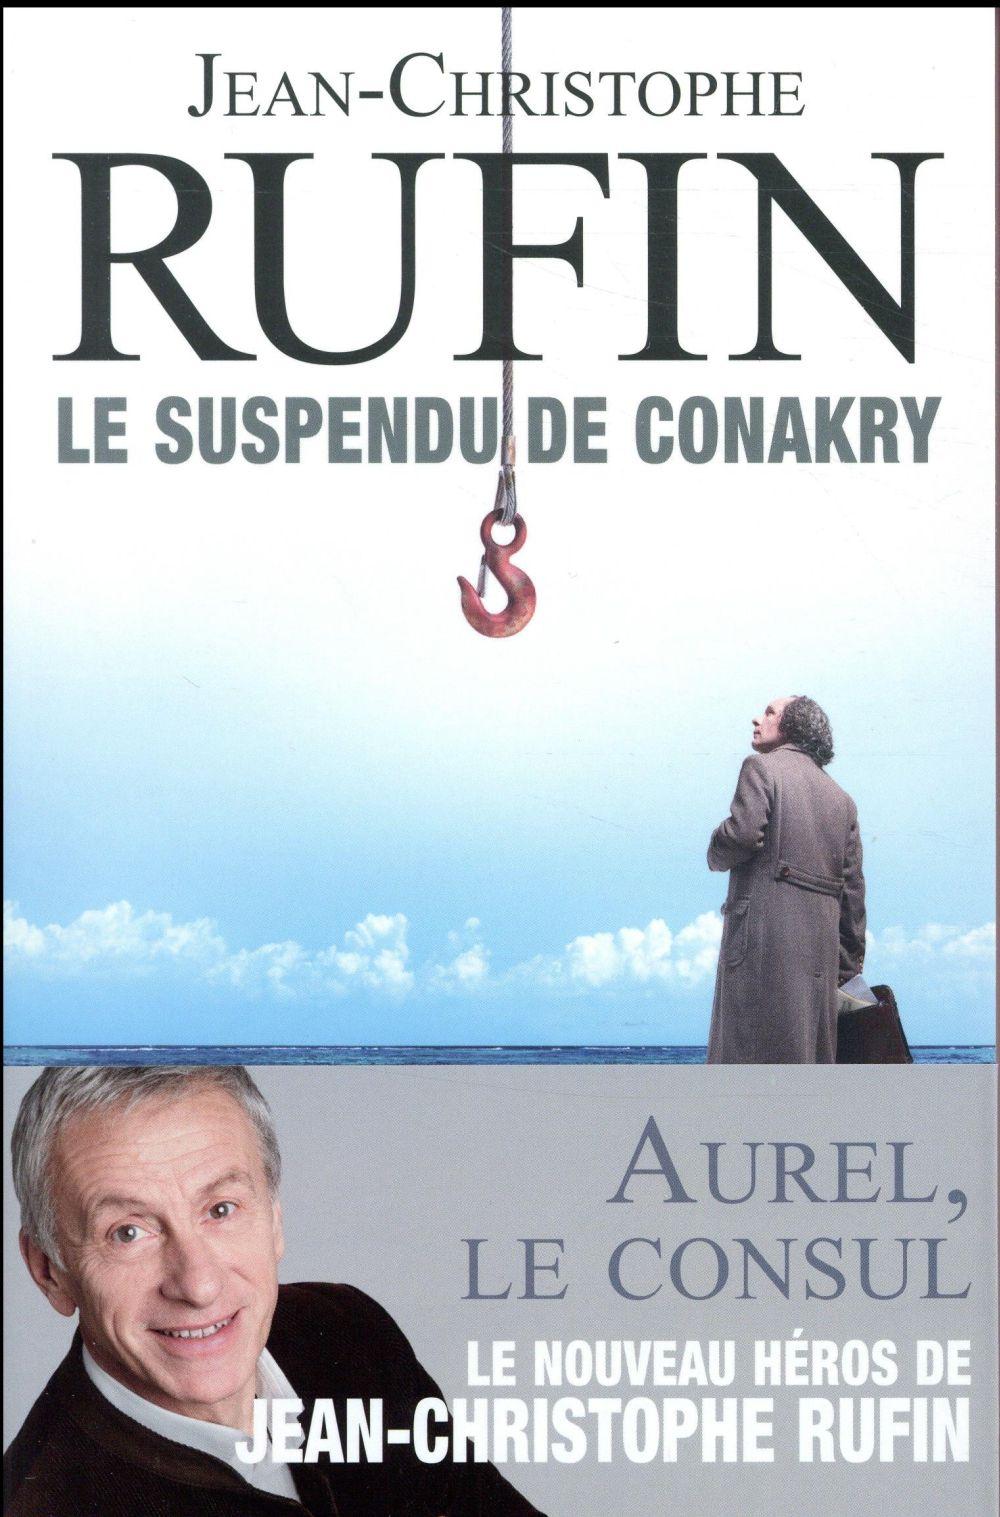 Le-Suspendu-de-Conakry-